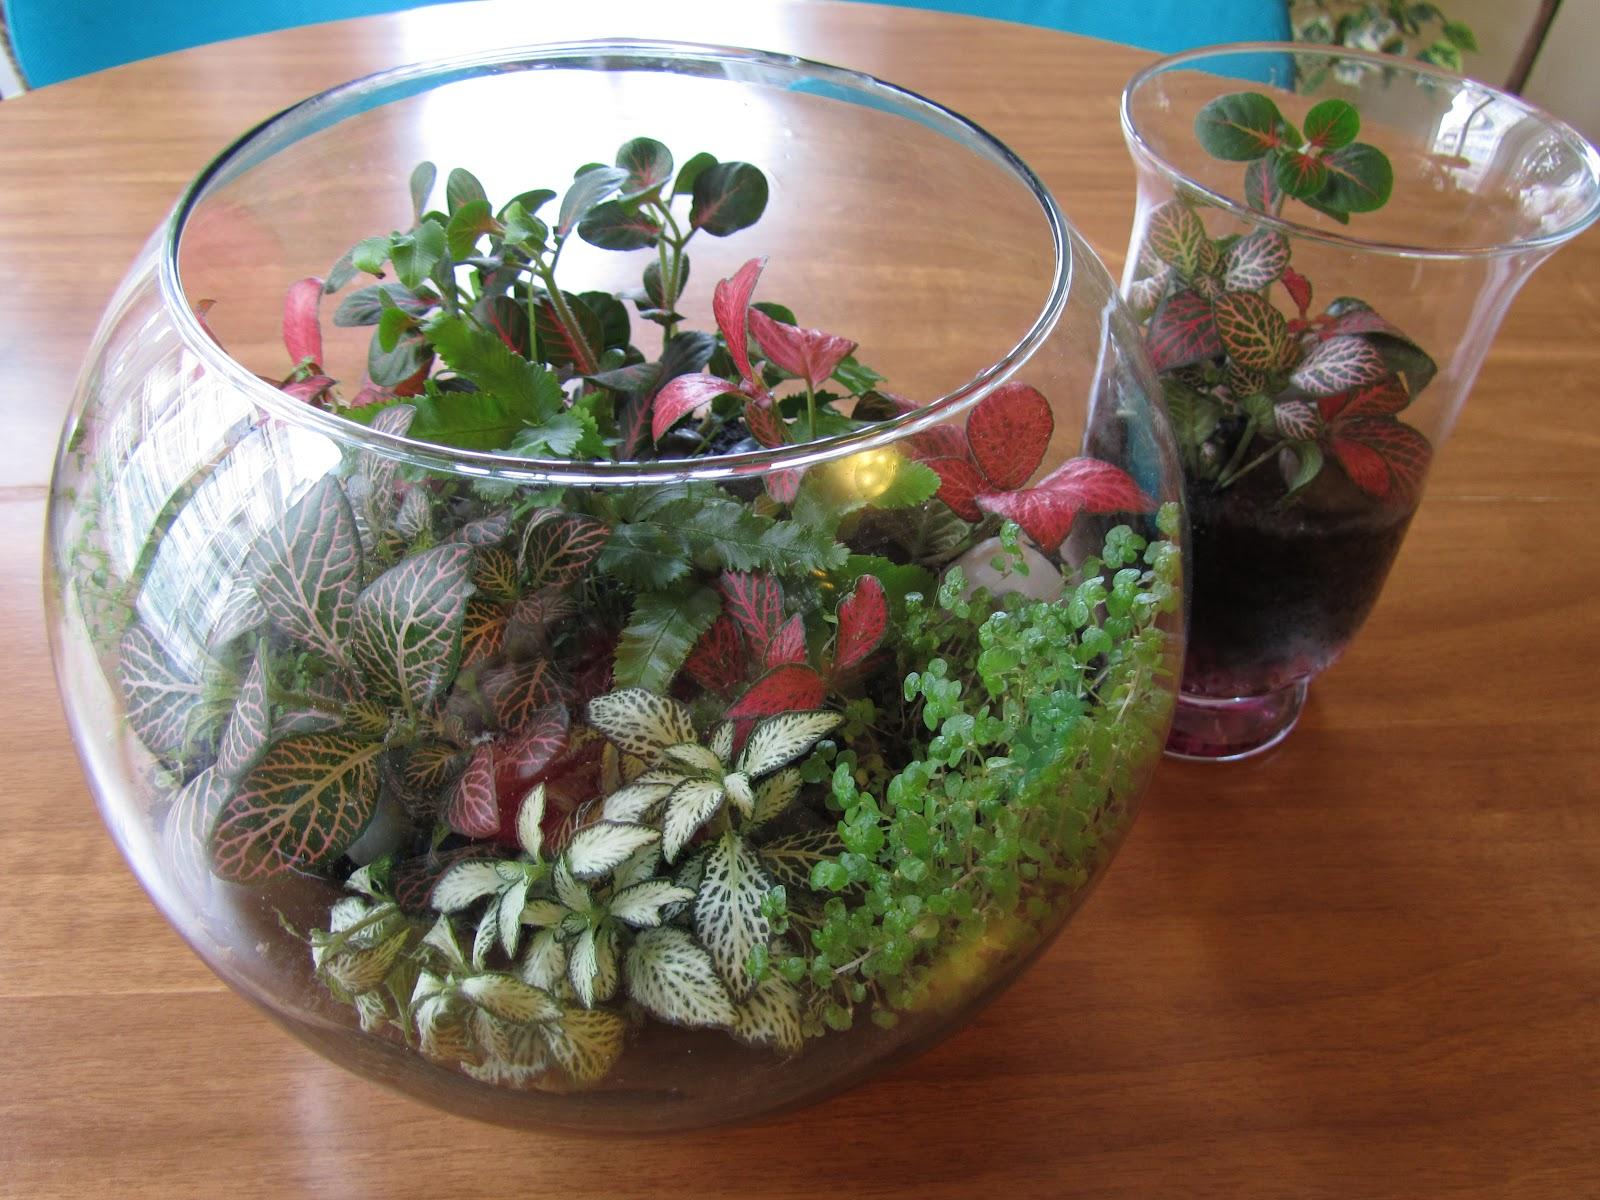 Pecera con plantas artificiales adentro.